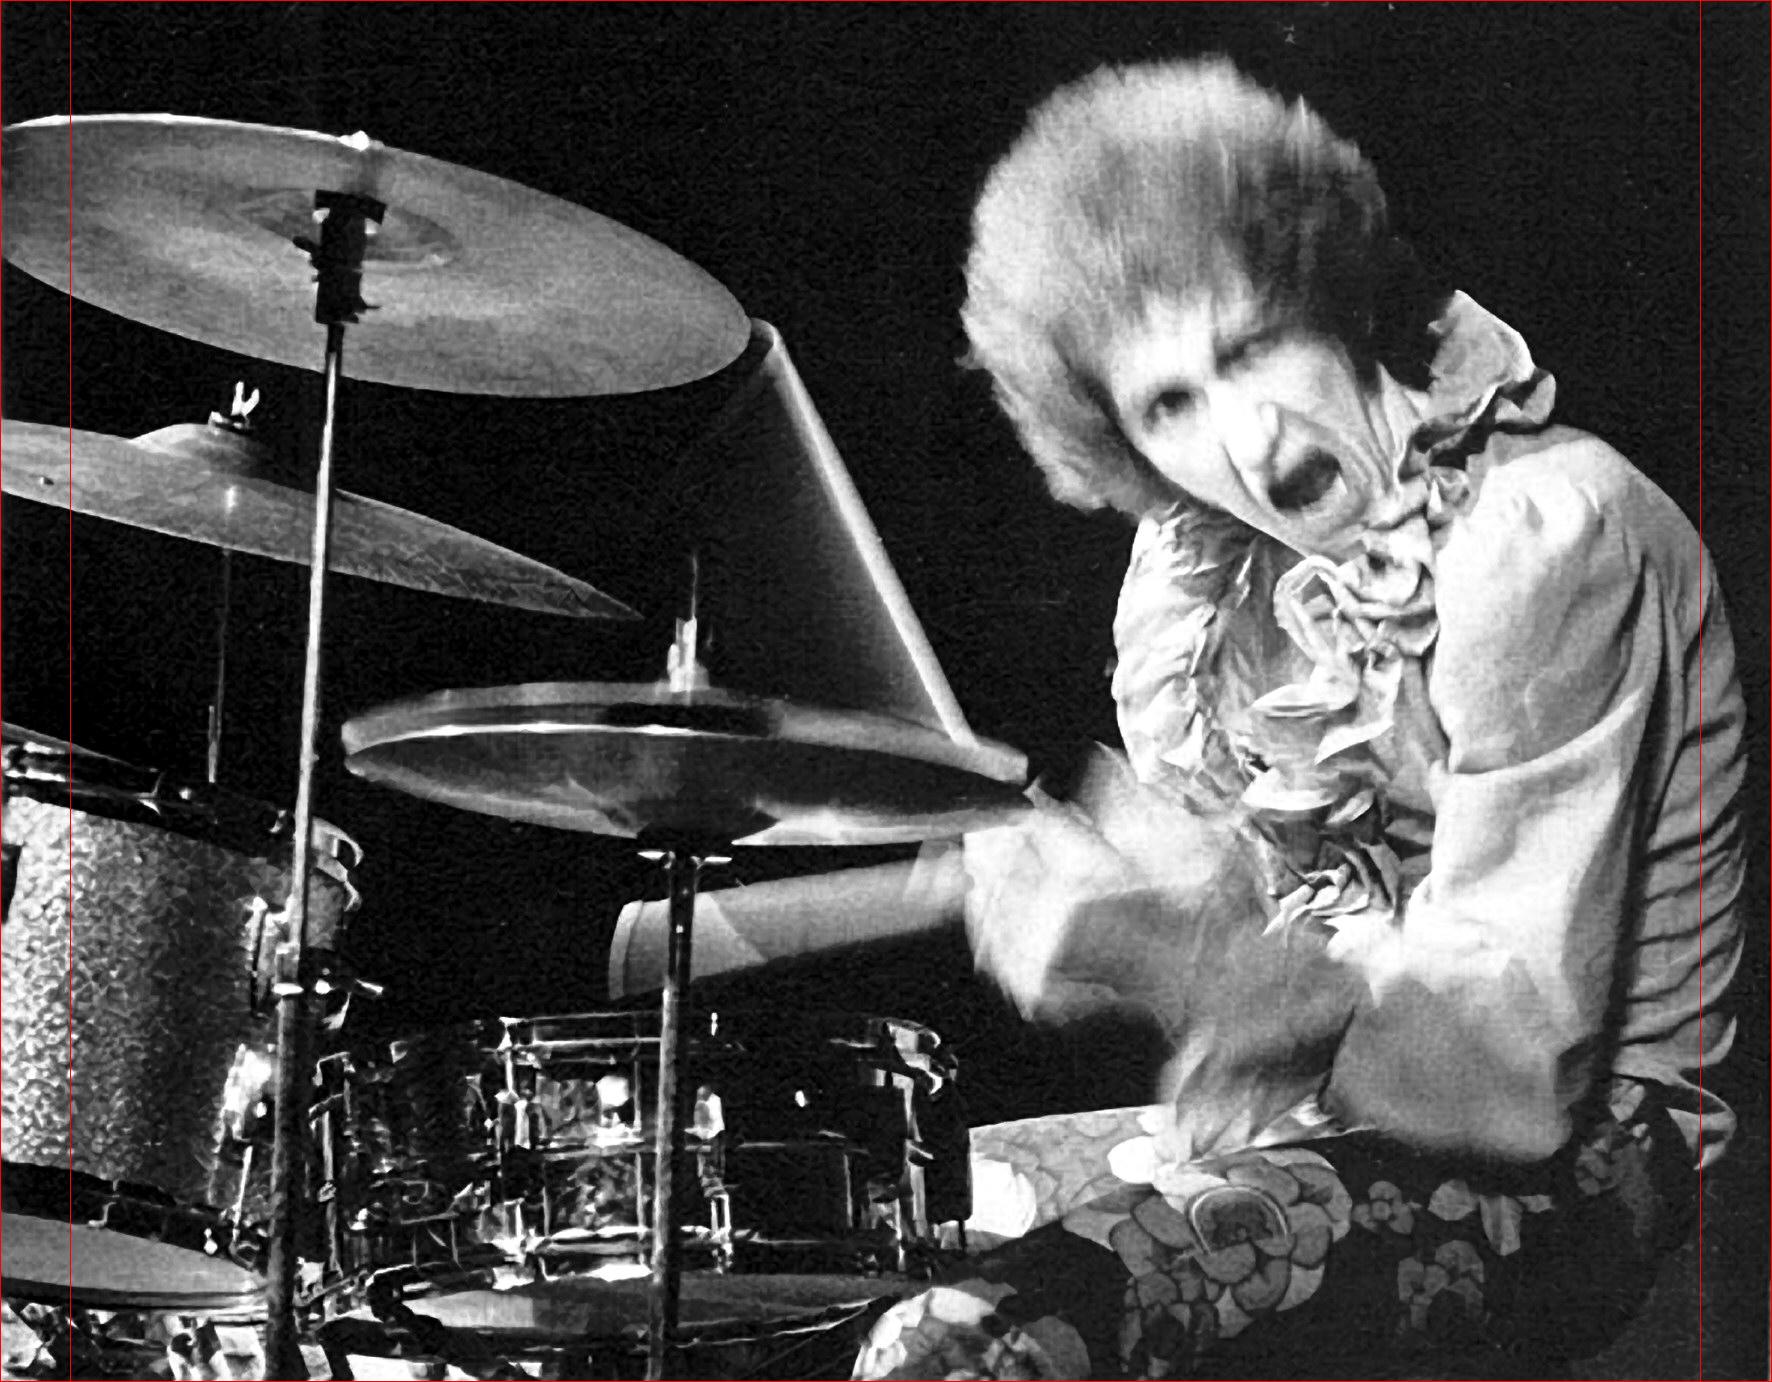 Stockholm (Konserthuset) : 8 janvier 1968 [Premier concert] 8d614547465beee319d82c2744420214